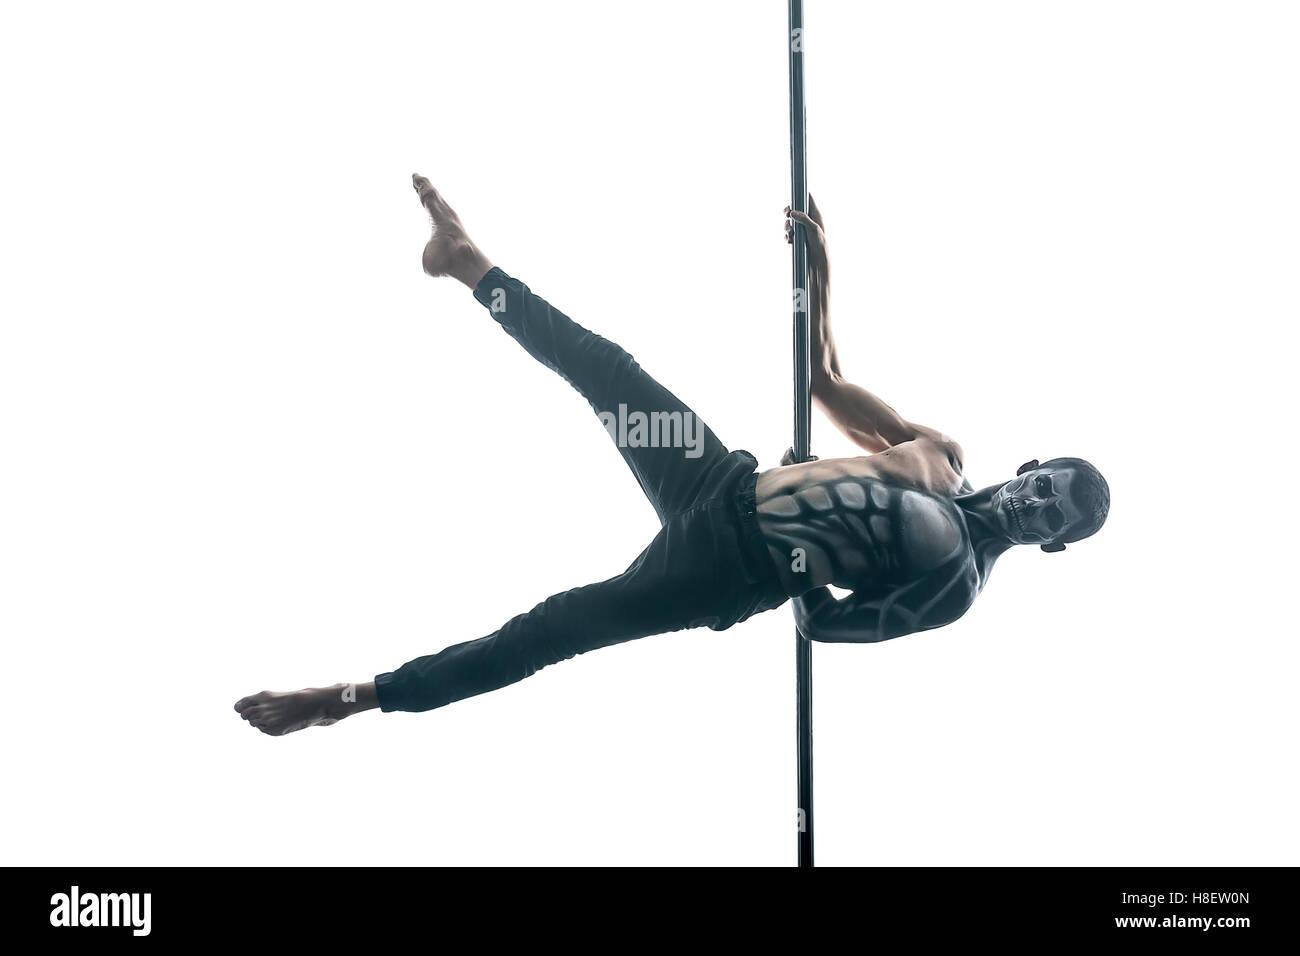 Homme pole dancer avec body-art sur pylône Photo Stock